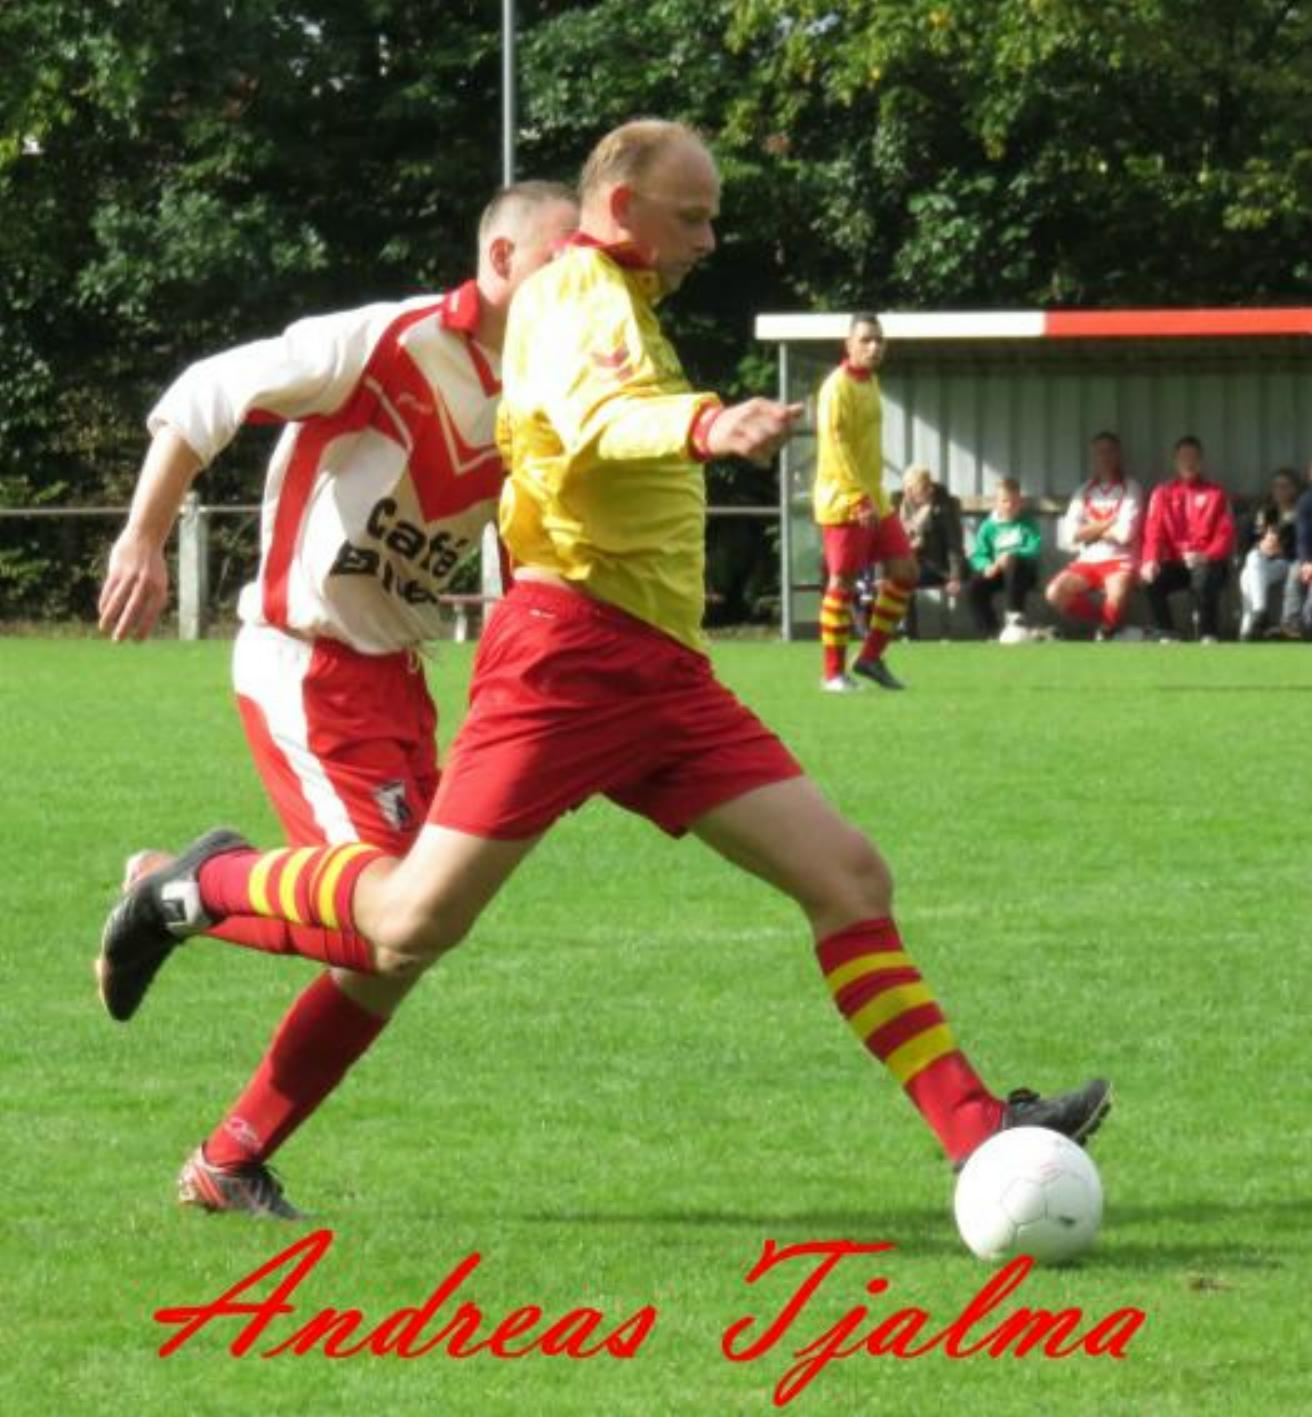 Andreas-Tjalma